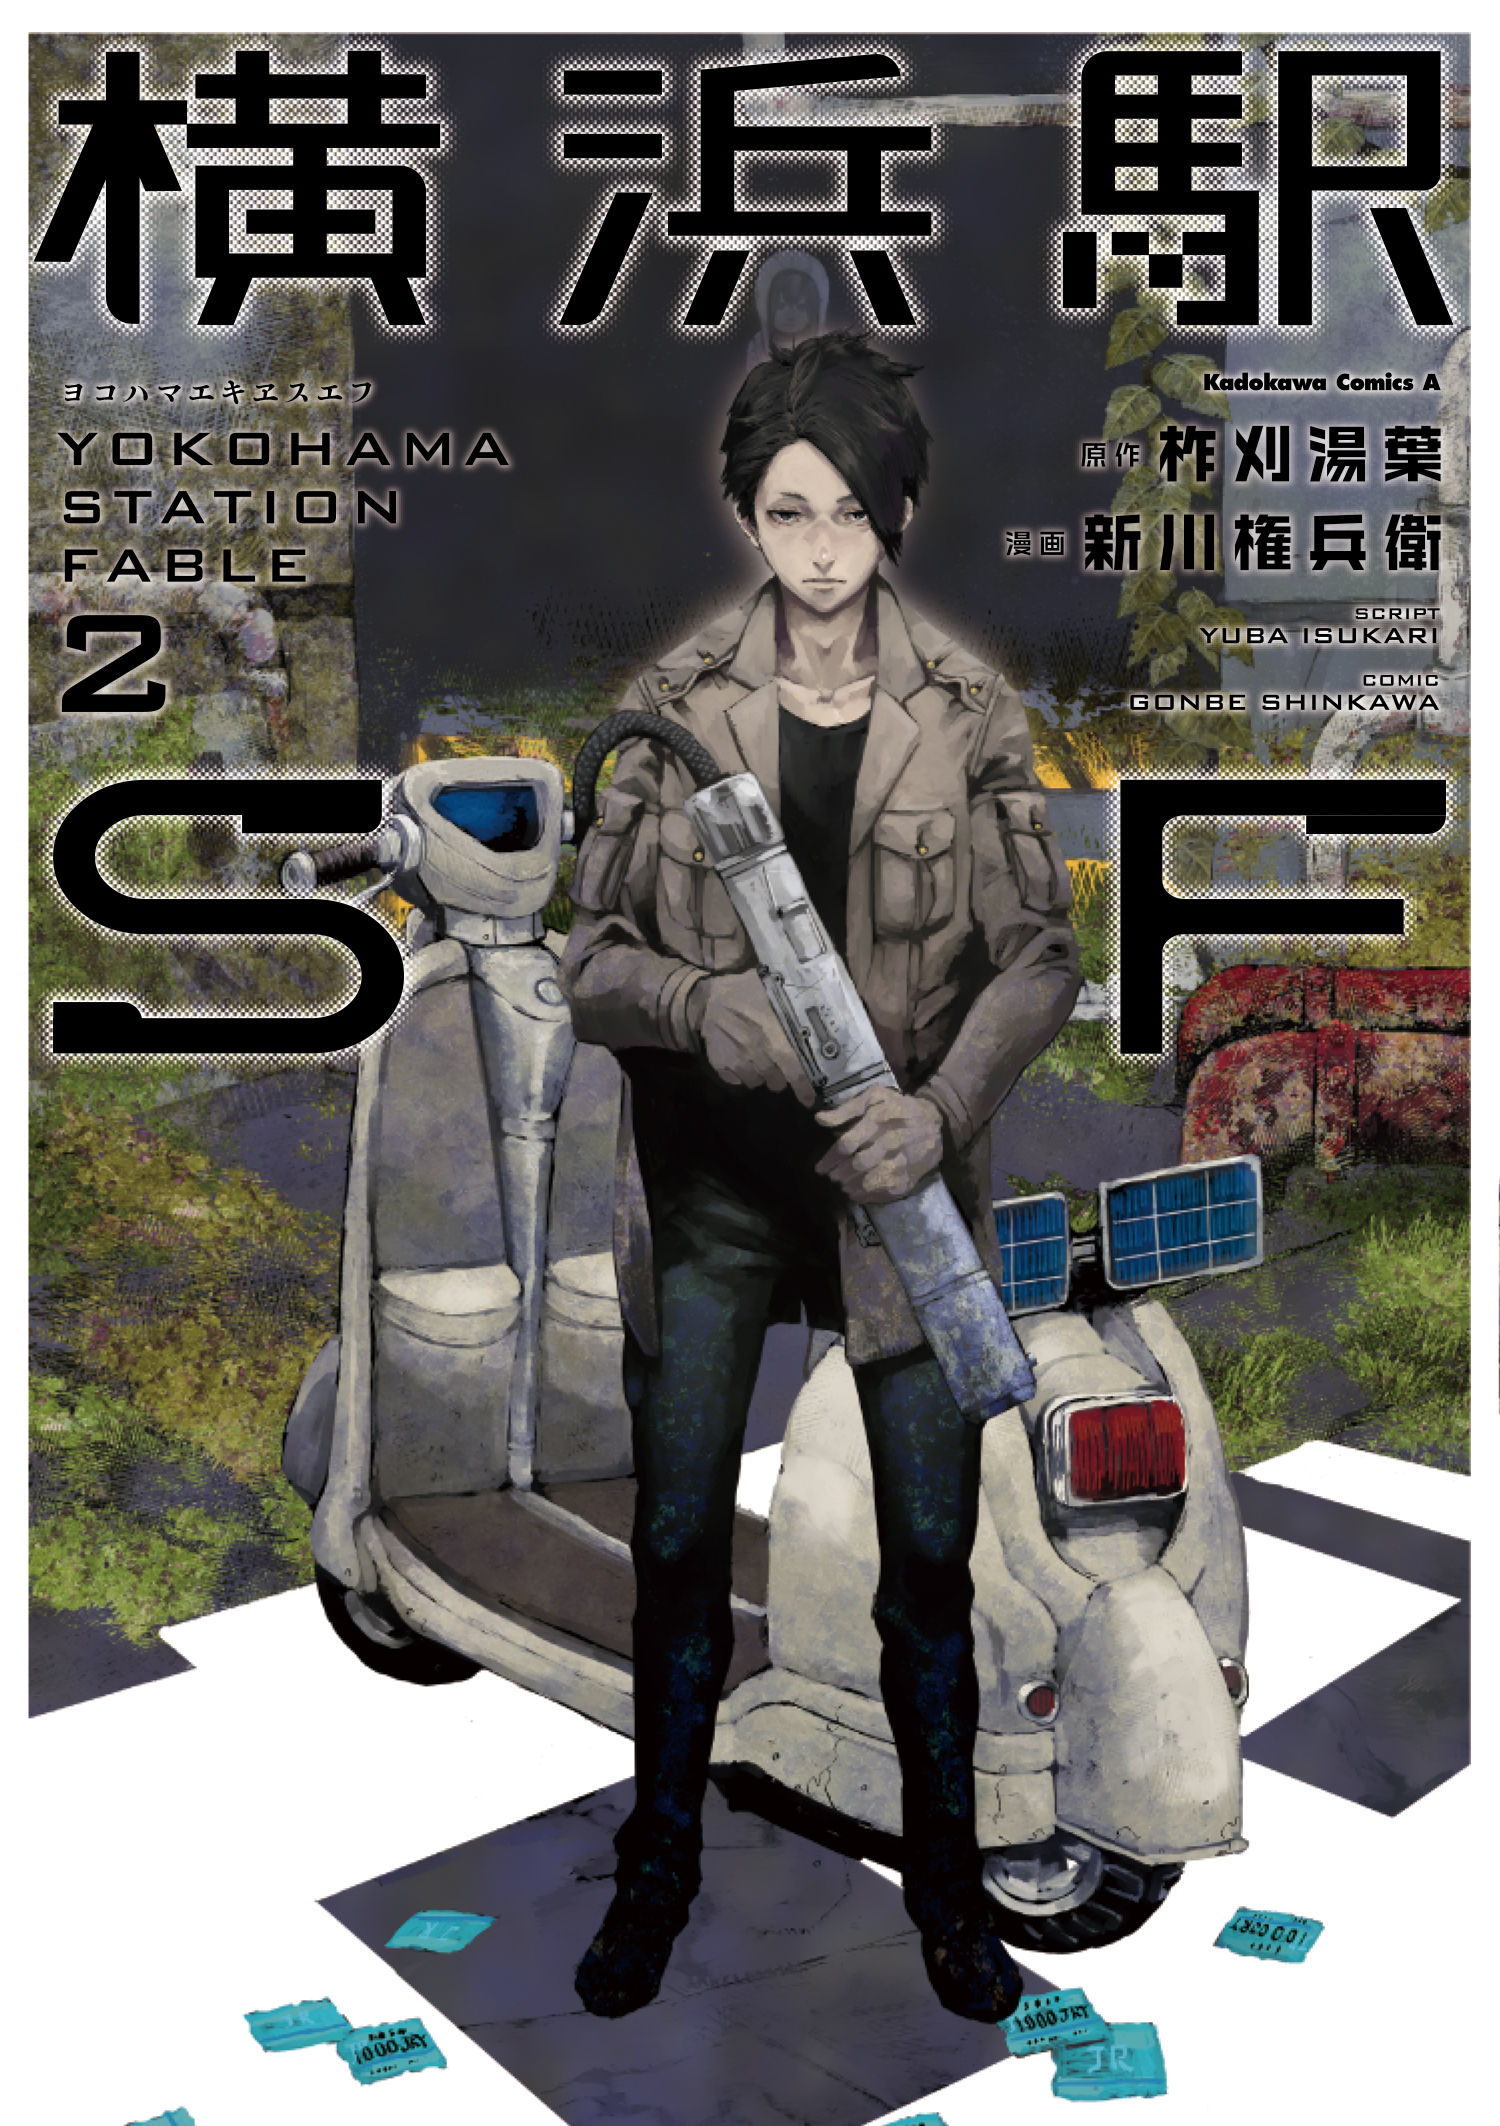 『リアル謎解きゲーム in 横浜駅 横浜駅SF謎 -横浜版-』